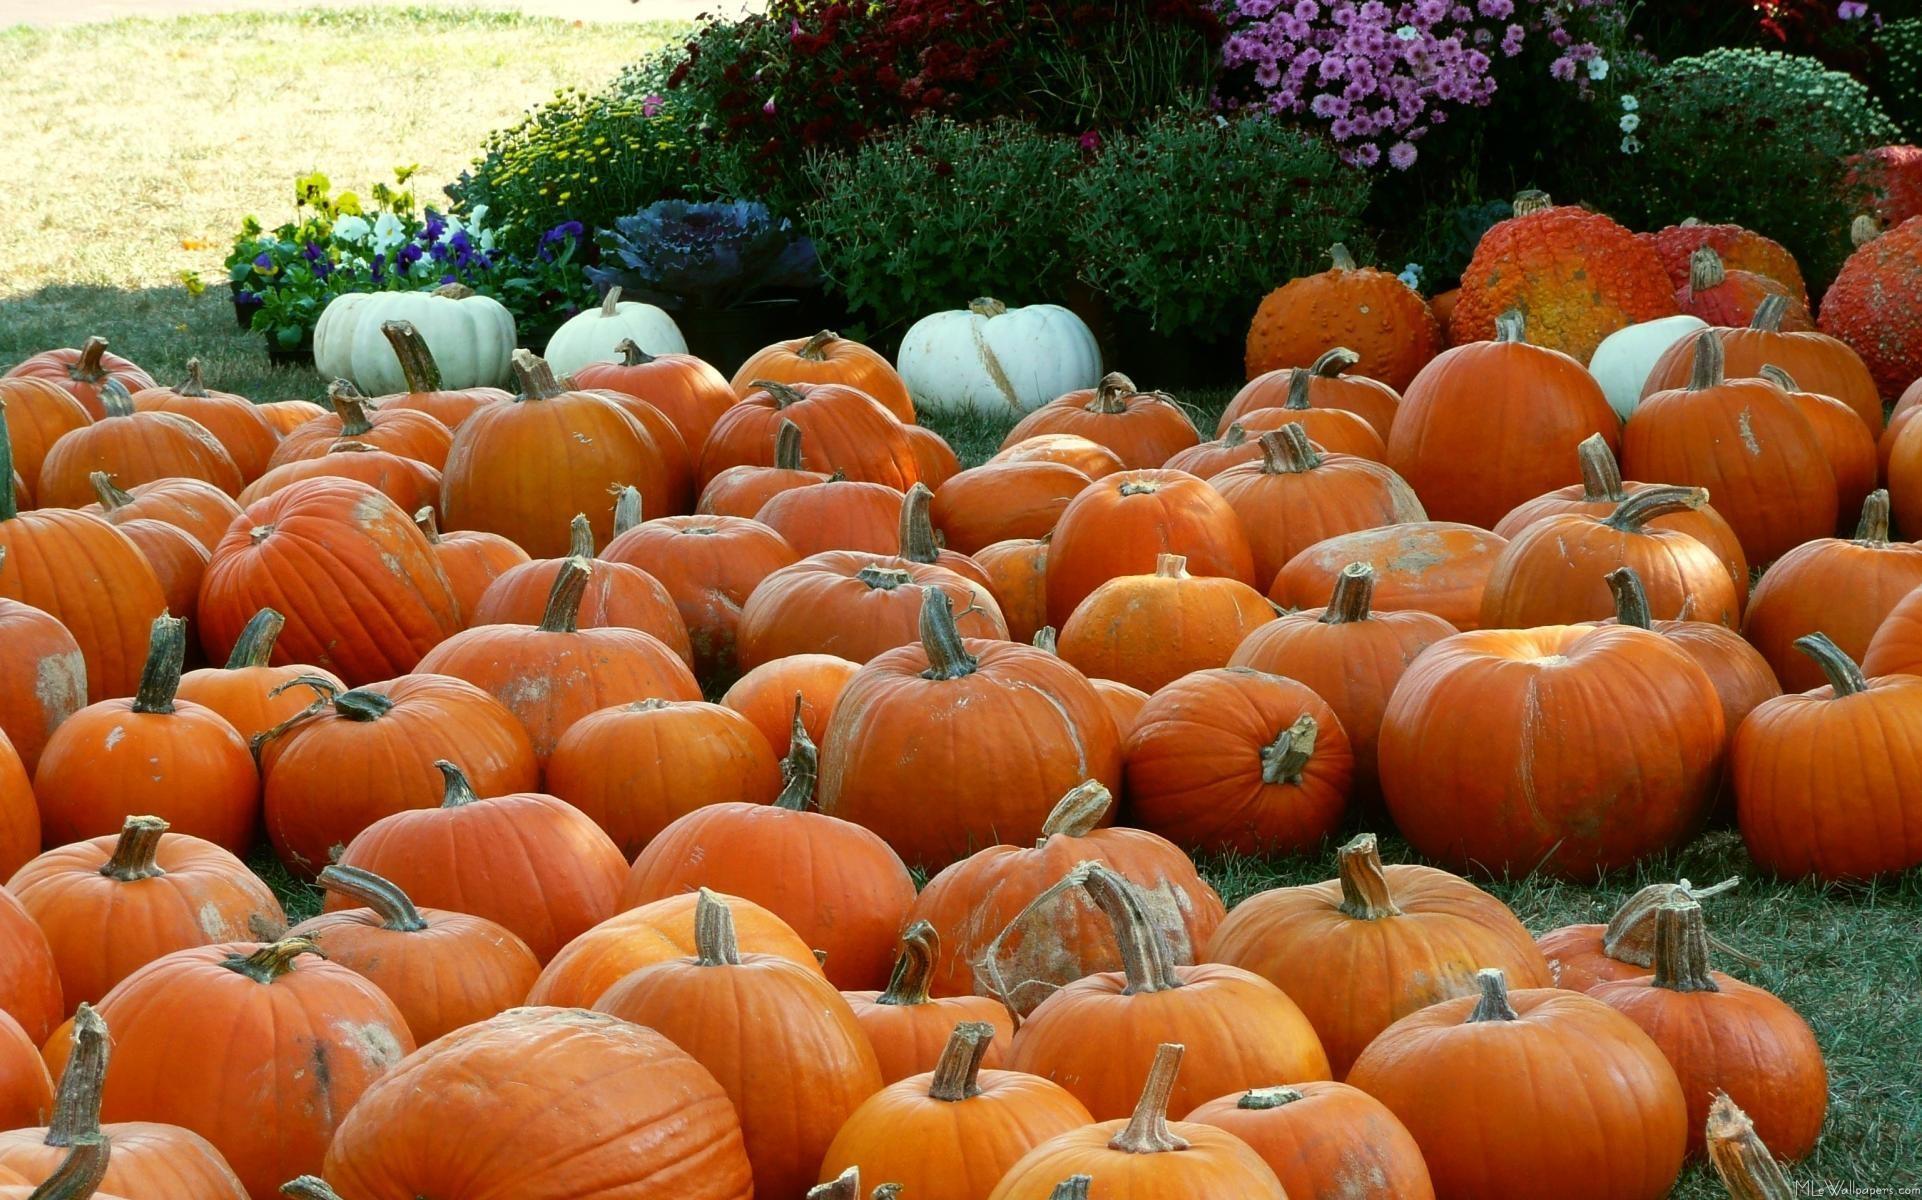 Autumn Pumpkin Wallpaper Hd 31466 Hd Wallpapers in Nature .